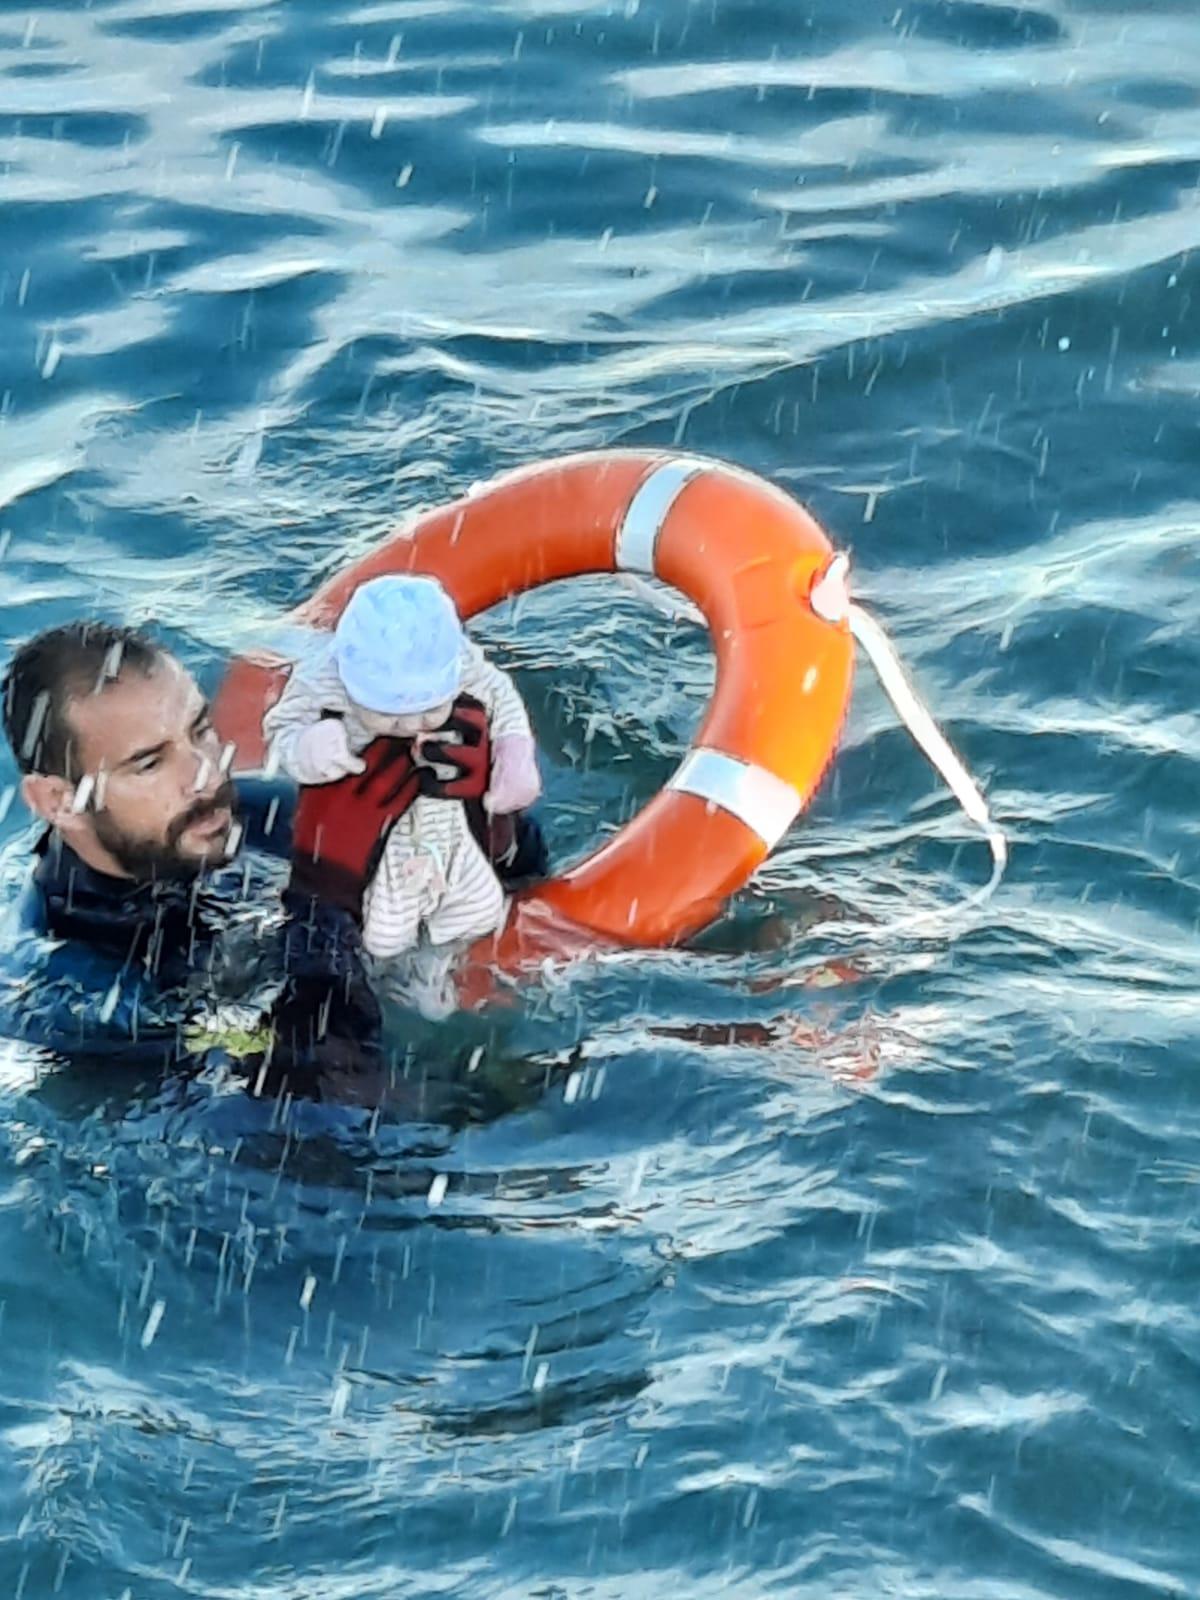 «El padre no podía con el bebé, se ahogaban, el guardia lo salvó»